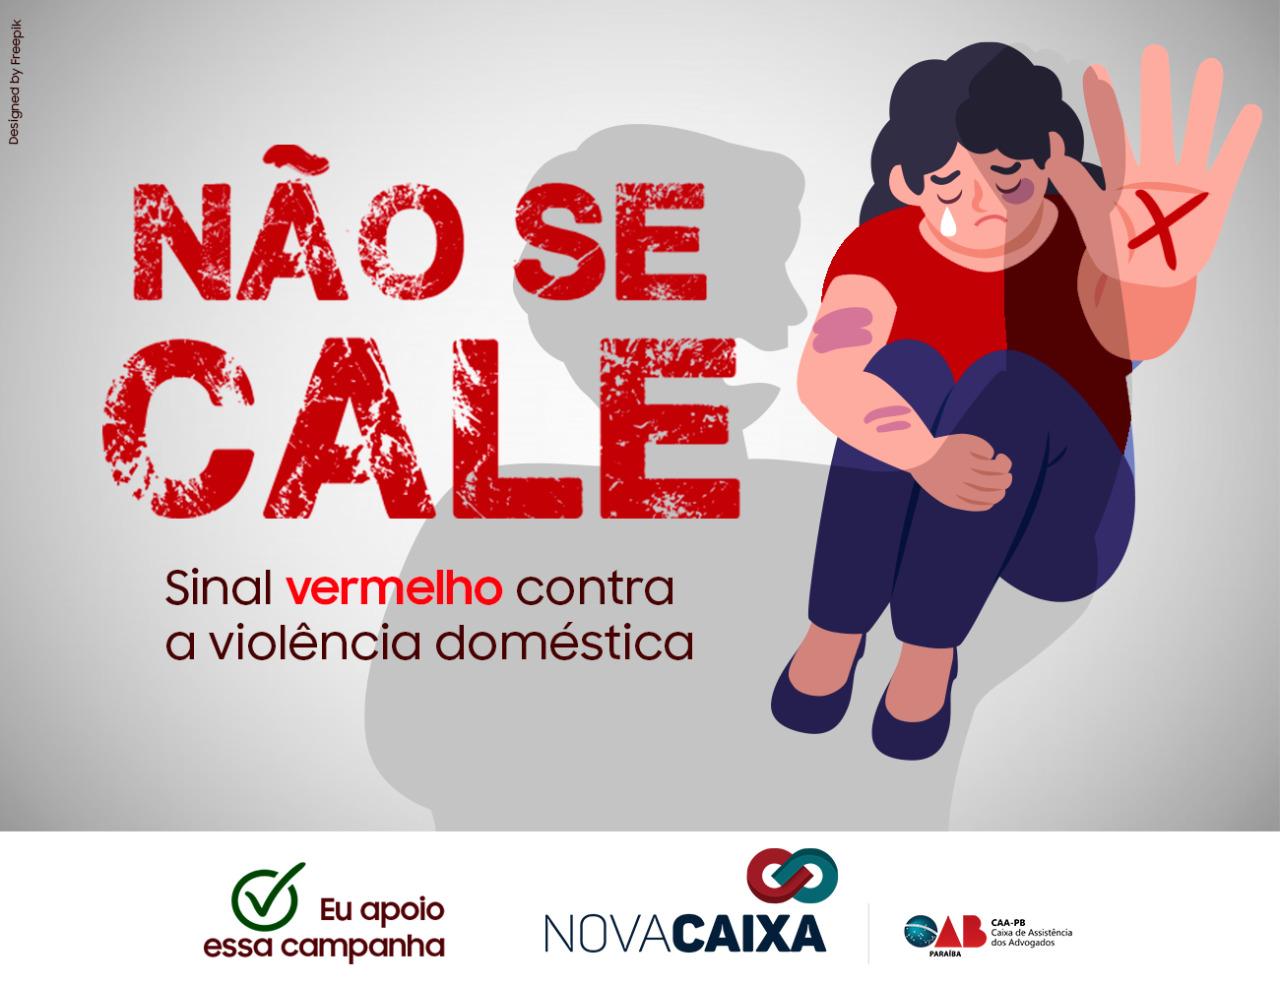 CAA-PB concederá auxílio financeiro a advogadas vítimas de violência doméstica durante a pandemia